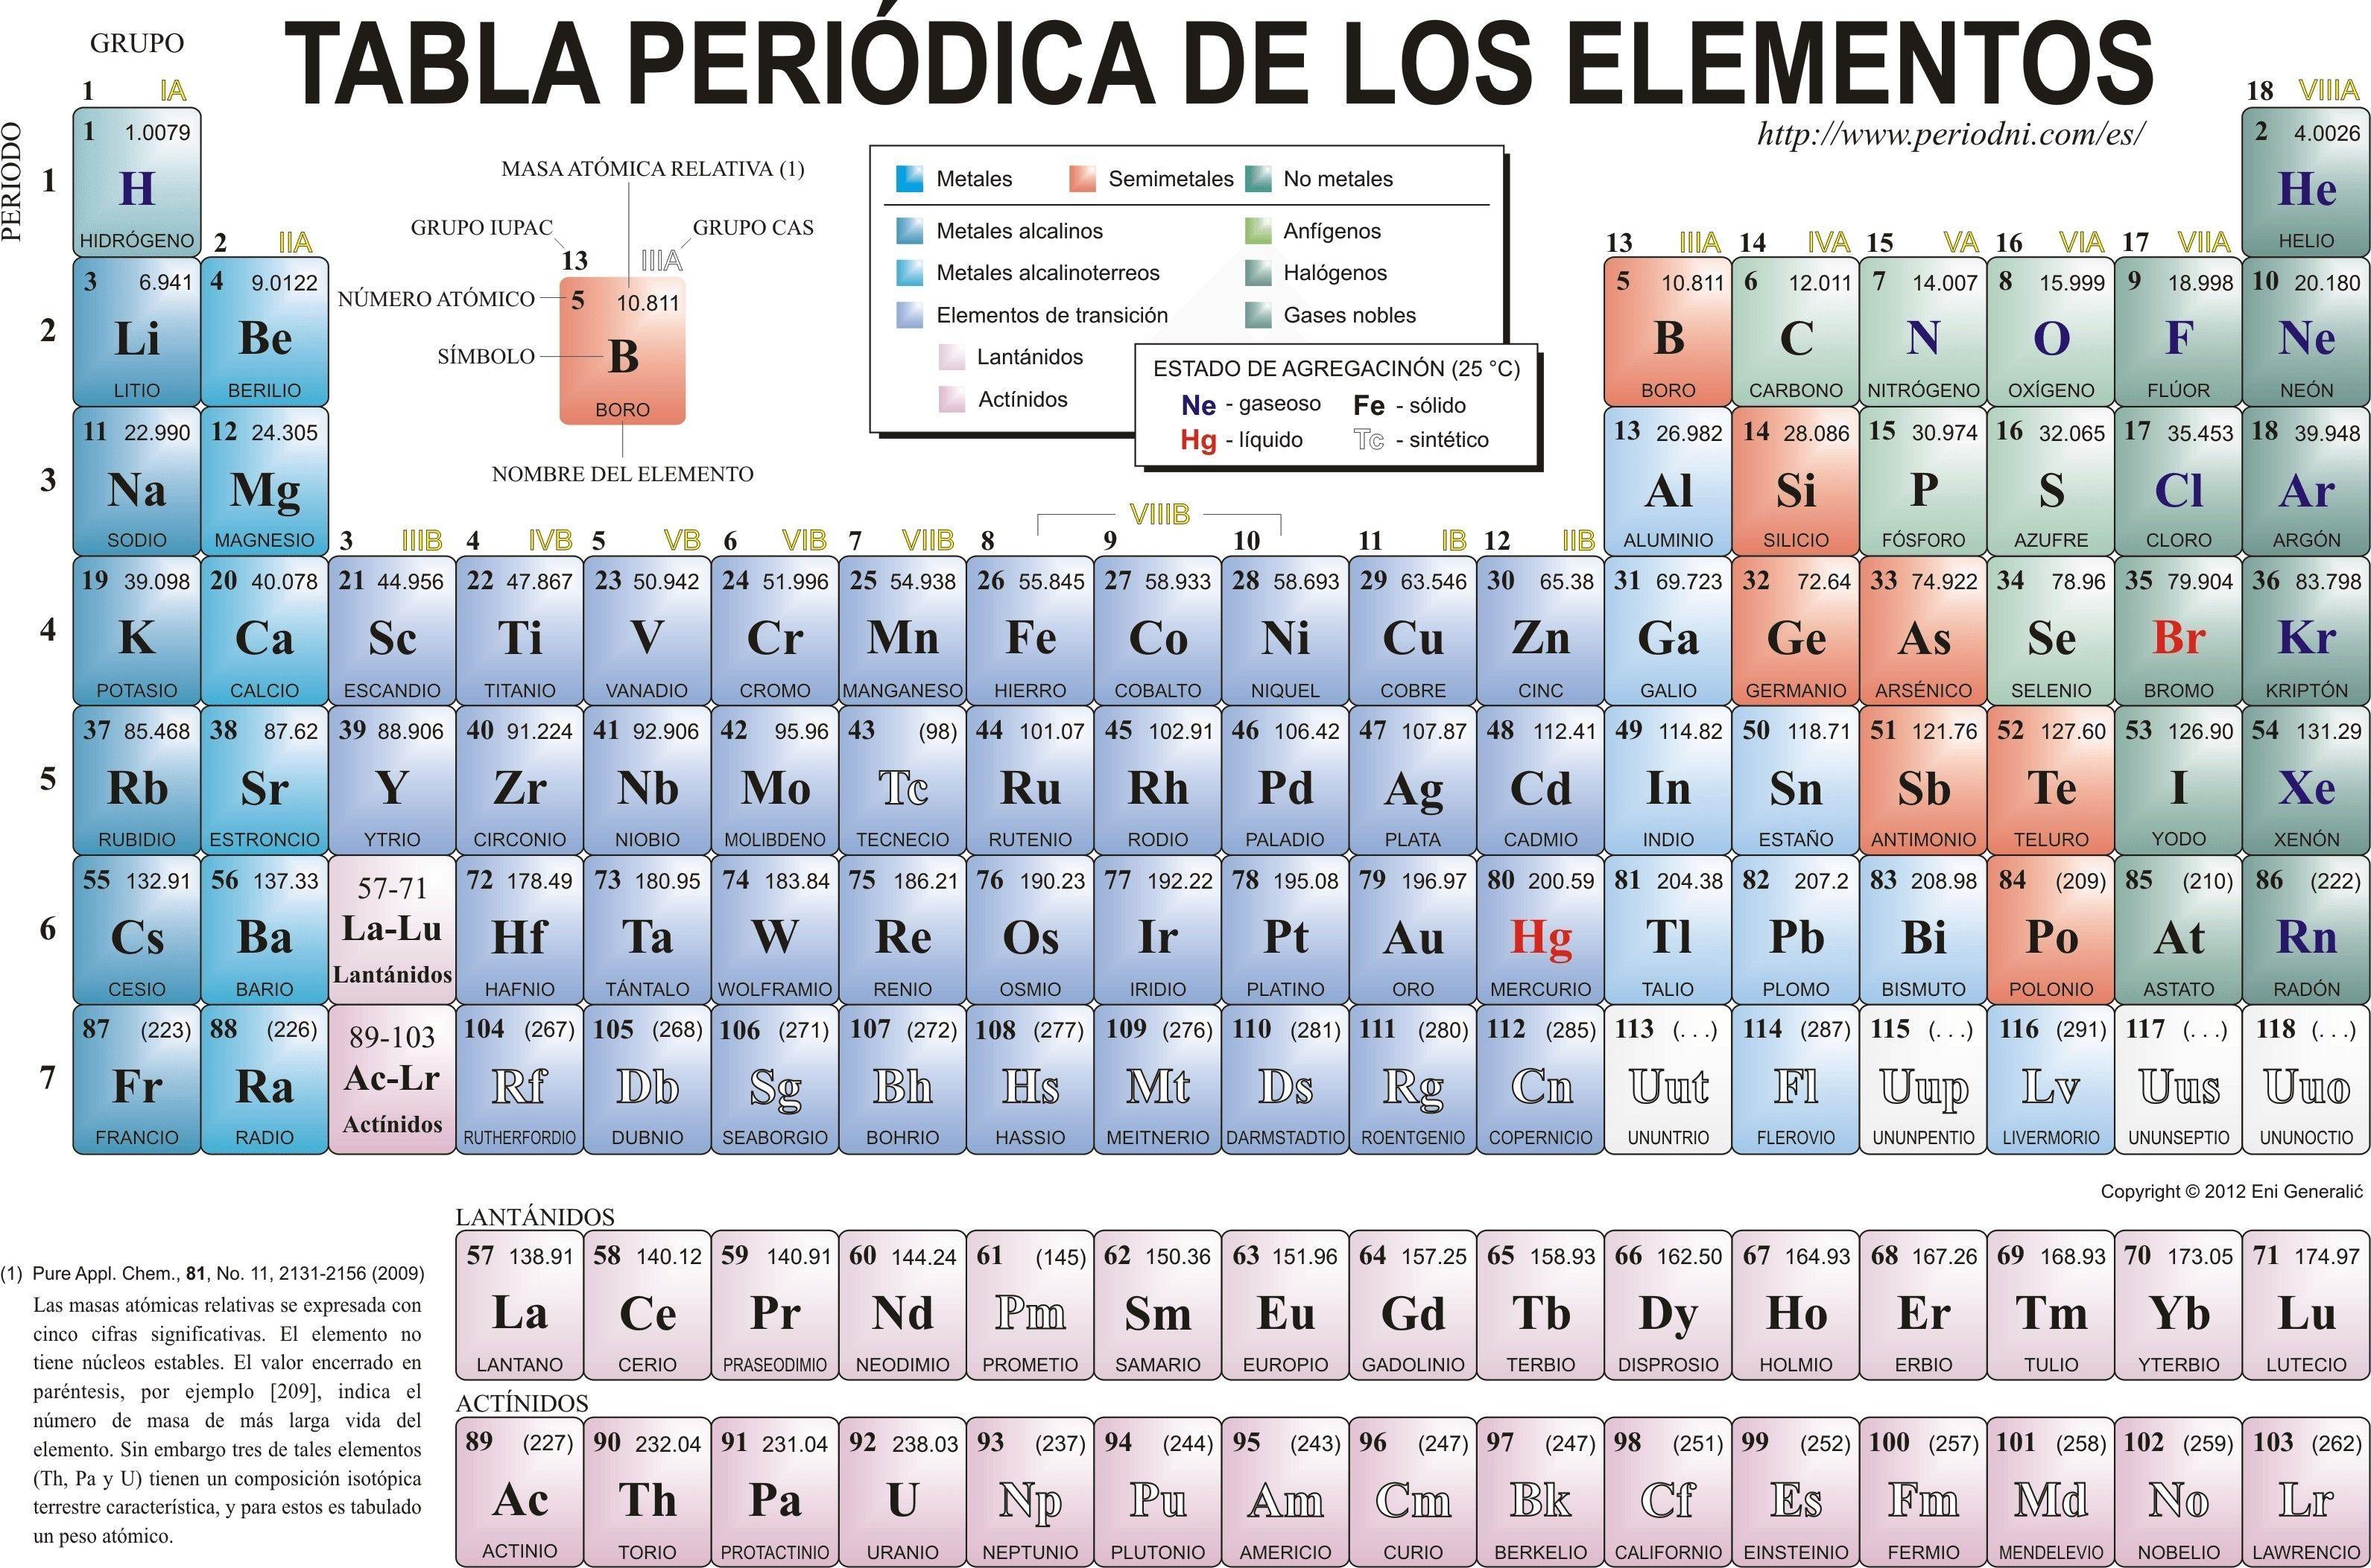 tabla periodica de los elementos quimicos completa para imprimir new tabla periodica en ingles y espaol